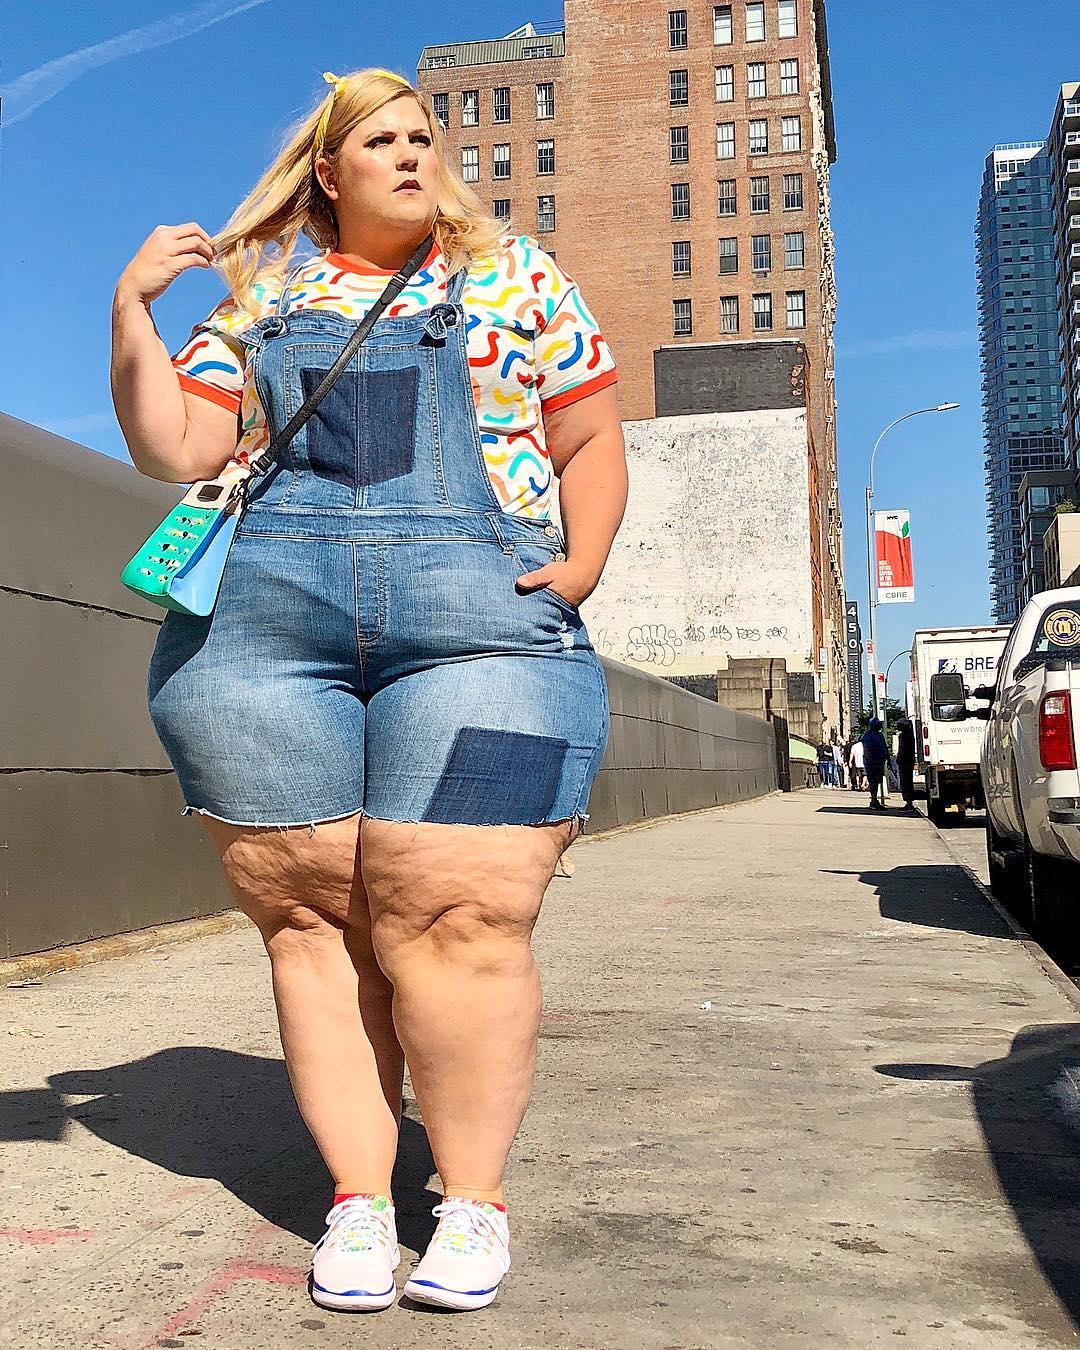 Американская плюс-сайз модель вышла на Таймс-сквер в бикини